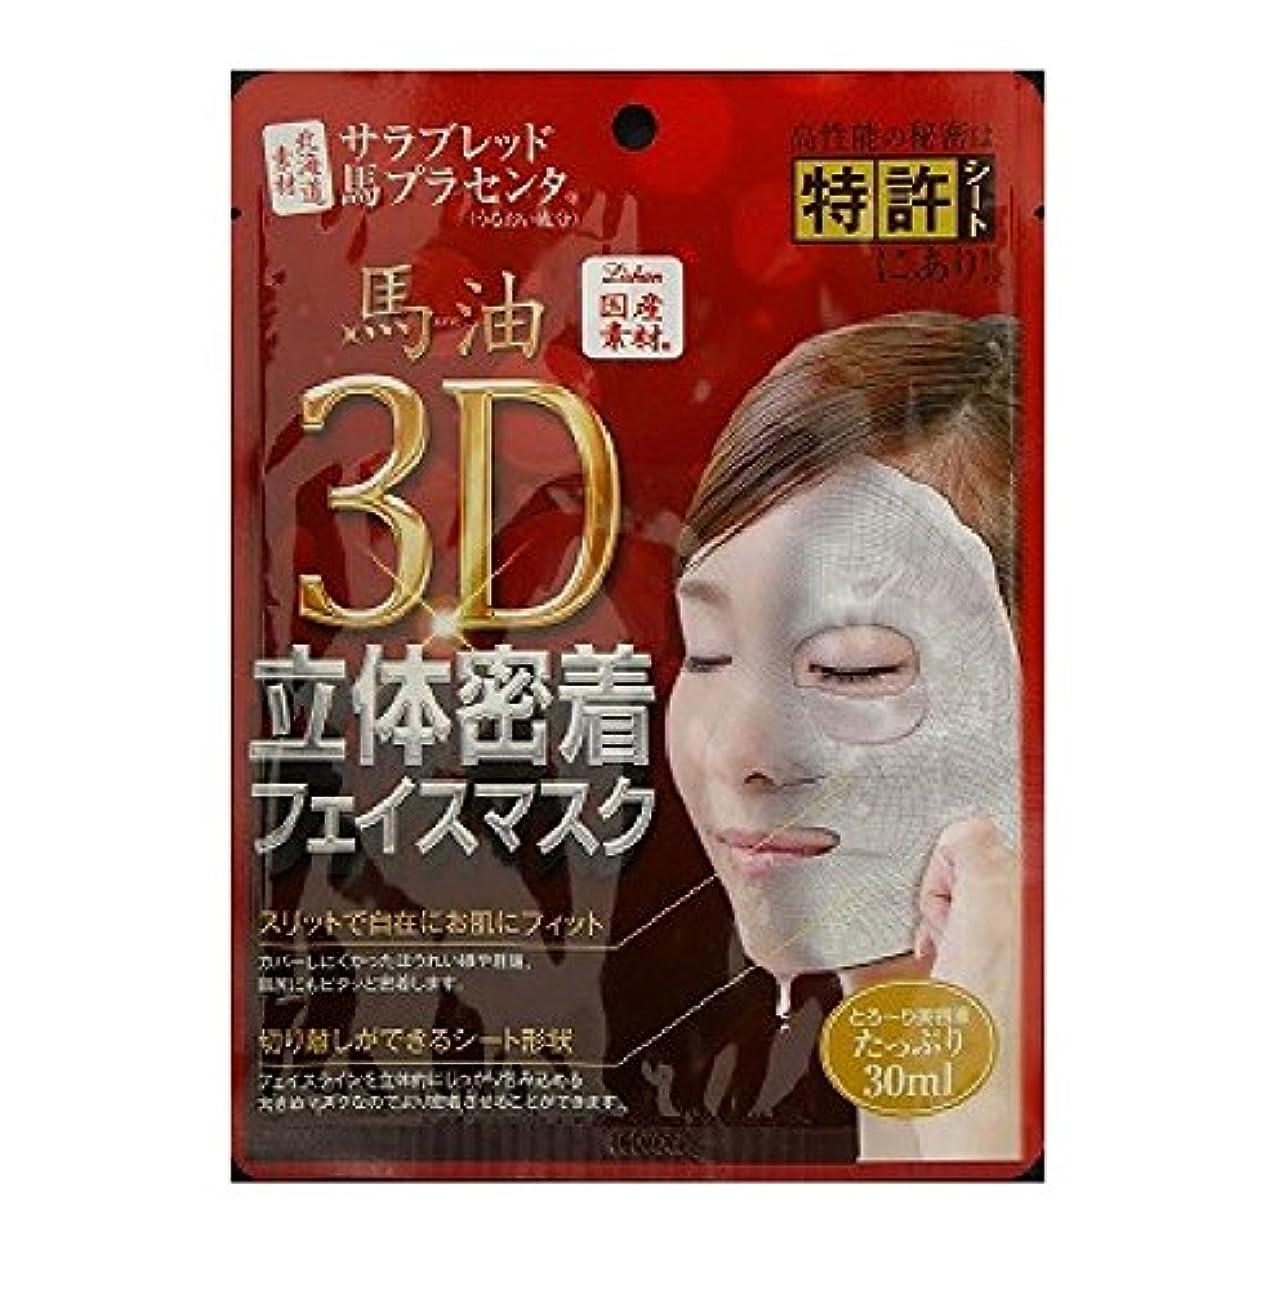 受け入れ凍った確かめるアイスタイル リシャン馬油3D立体密着フェイスマスク無香料 1枚入り